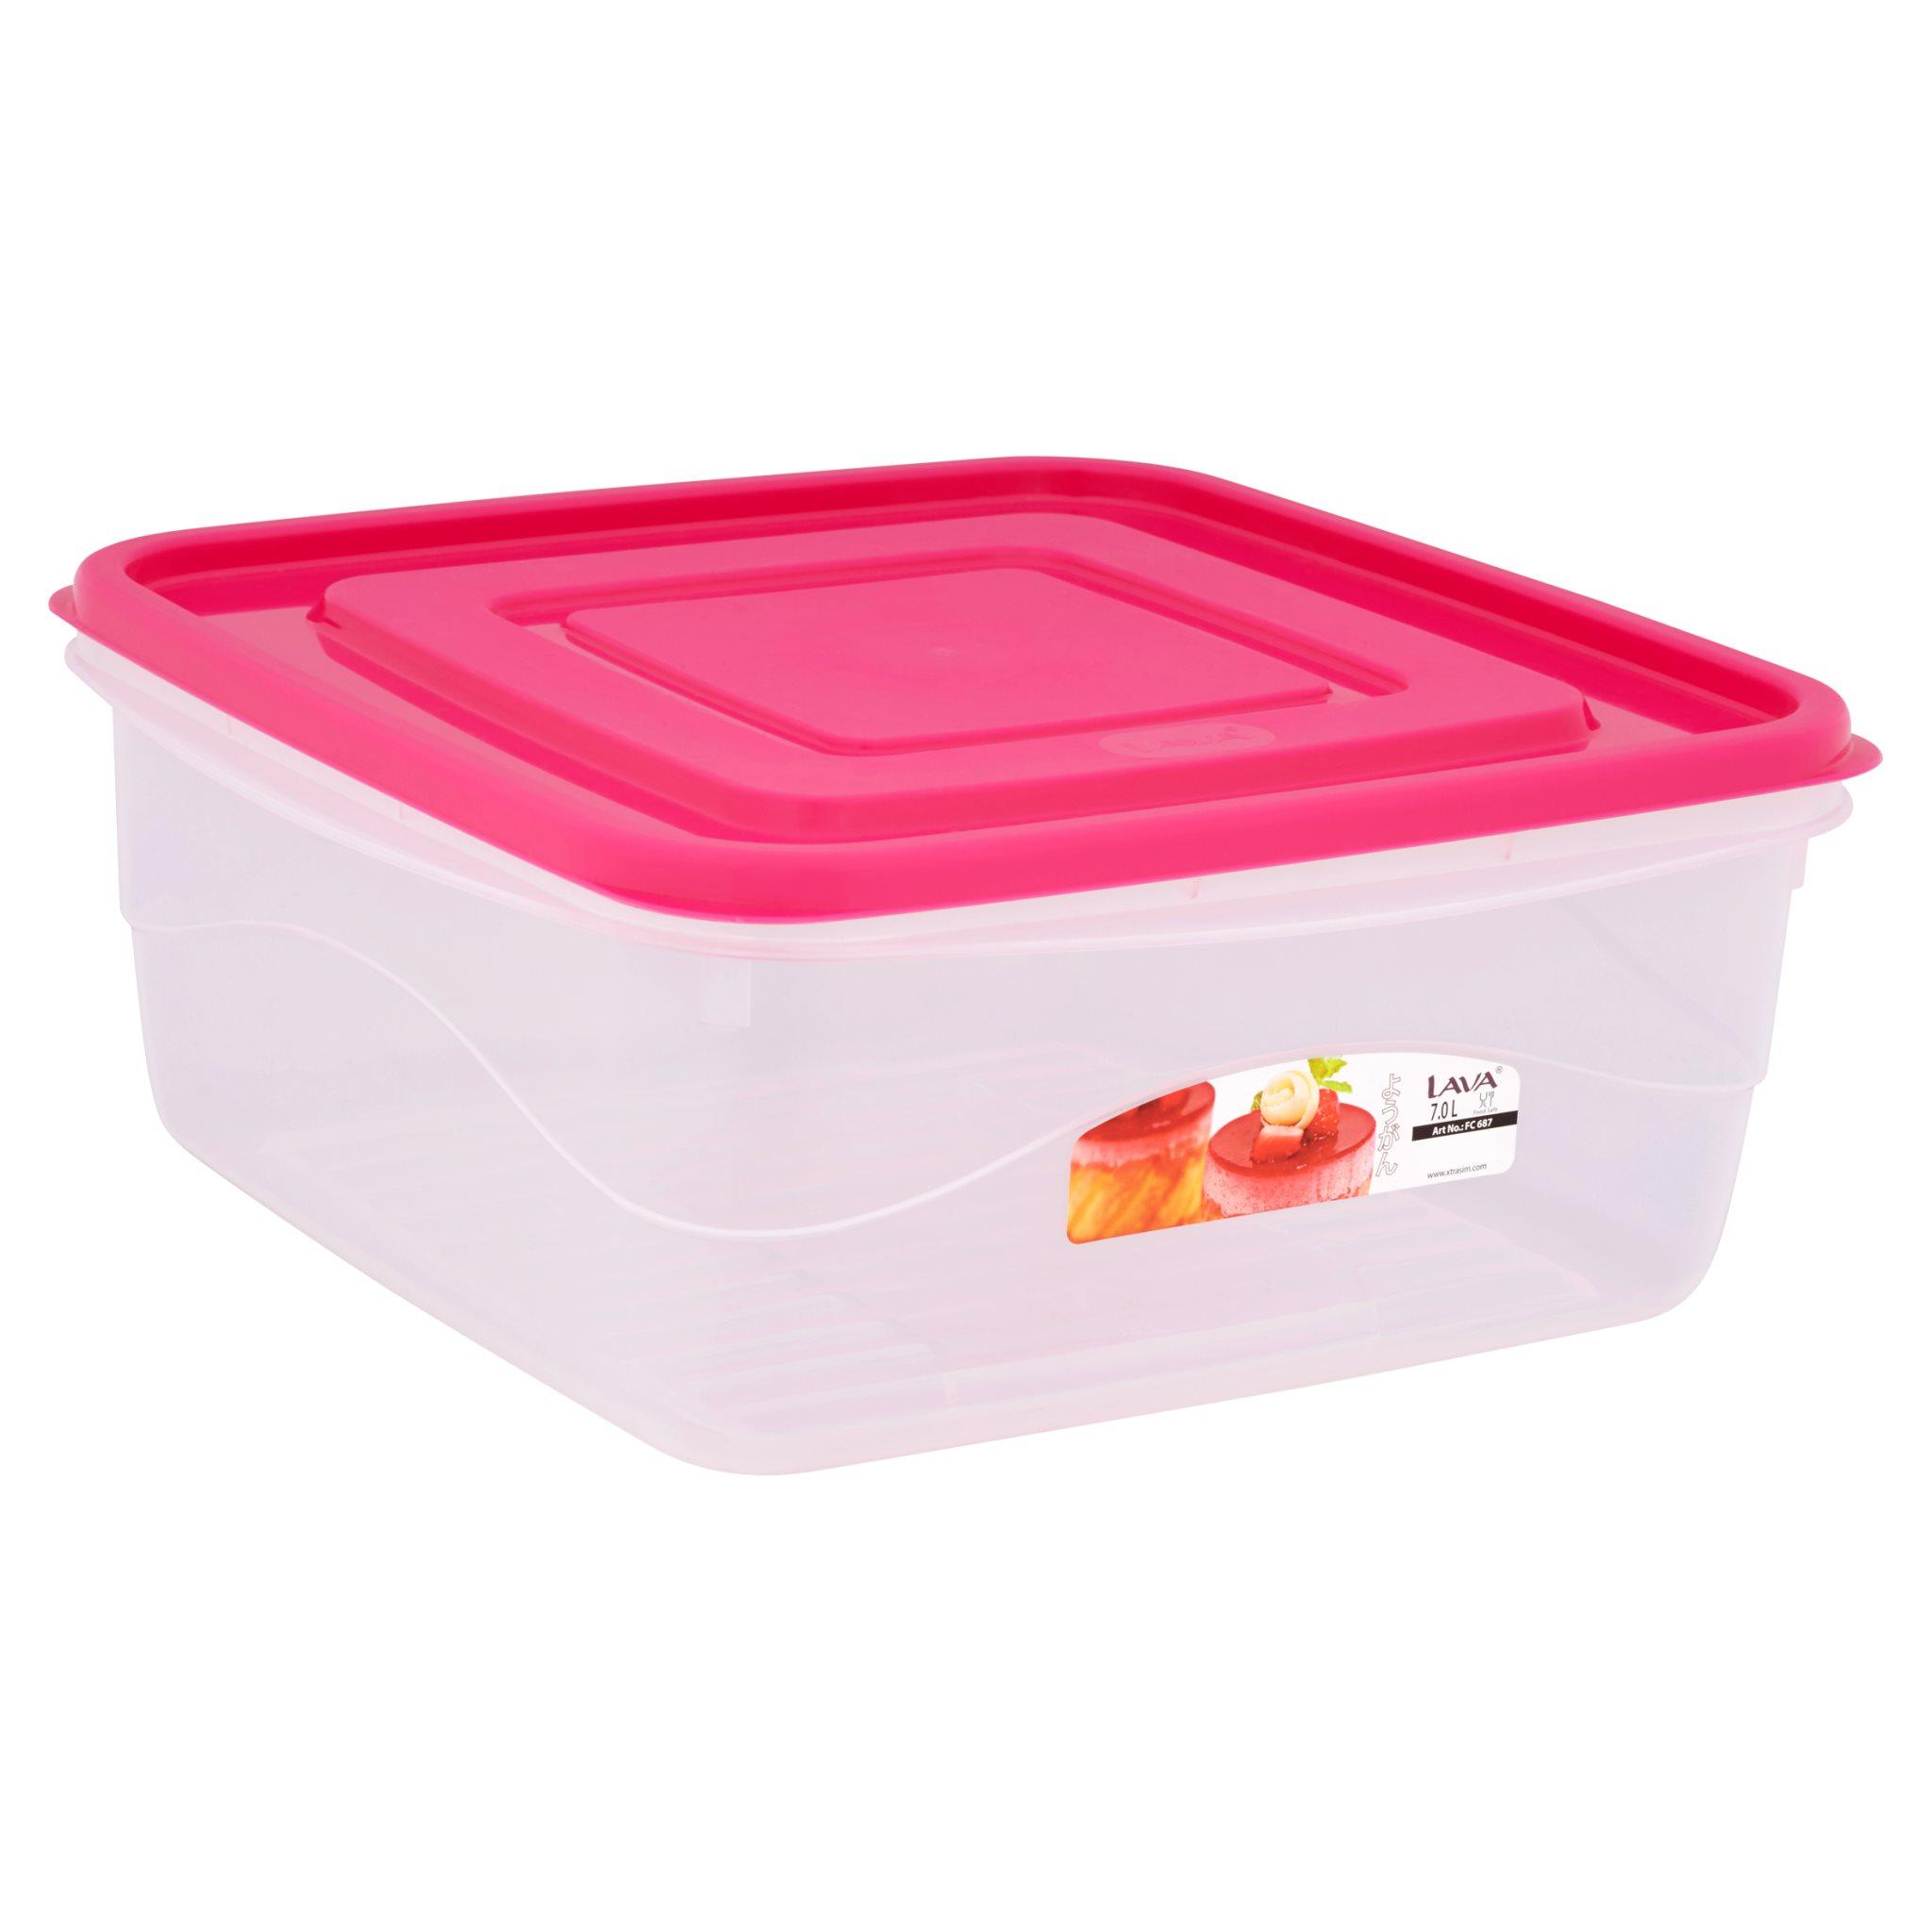 Lava Multipurpose Container FC687 7.0L